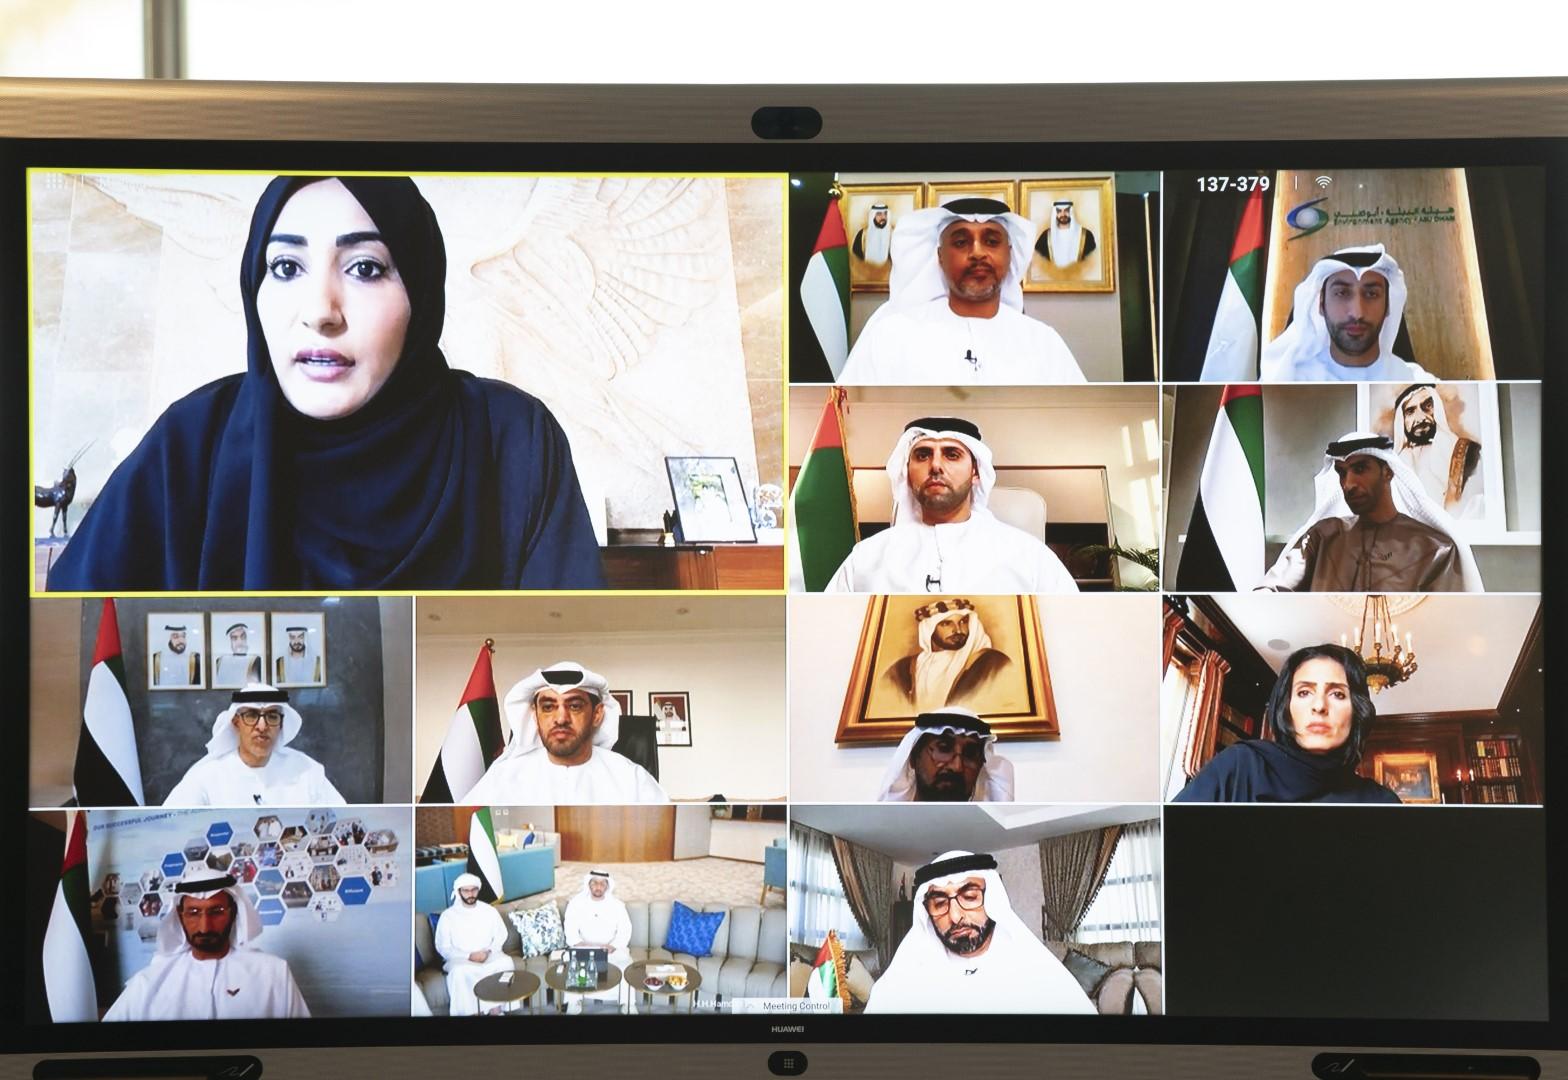 حمدان بن زايد يوجه باستمرار تطبيق قرار حظر استخدام معدات الصيد بالقراقير في إمارة أبوظبي